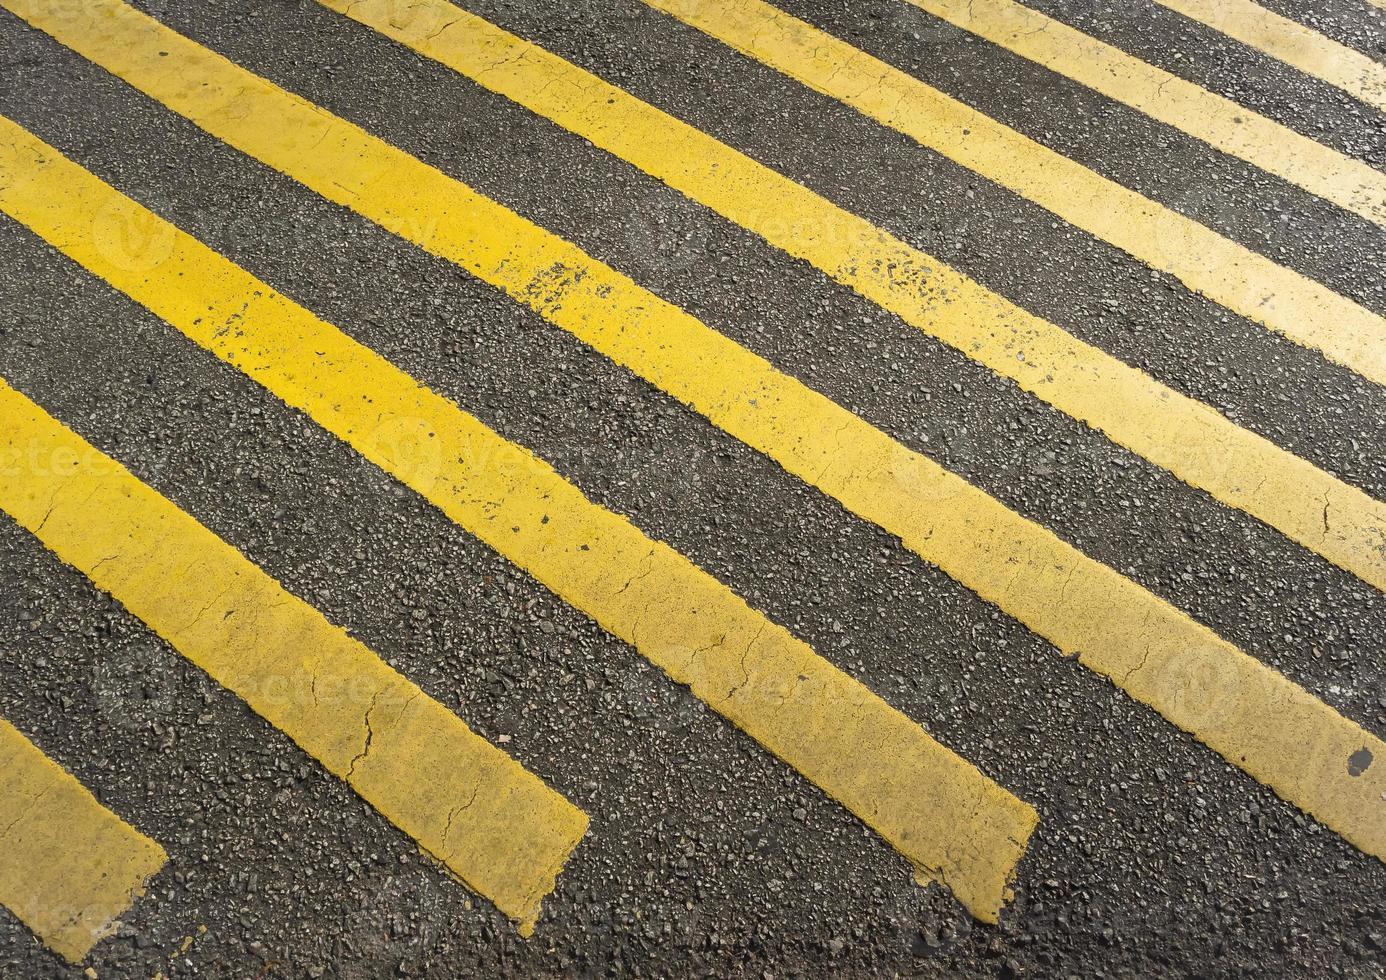 panneau de signalisation à rayures jaunes photo